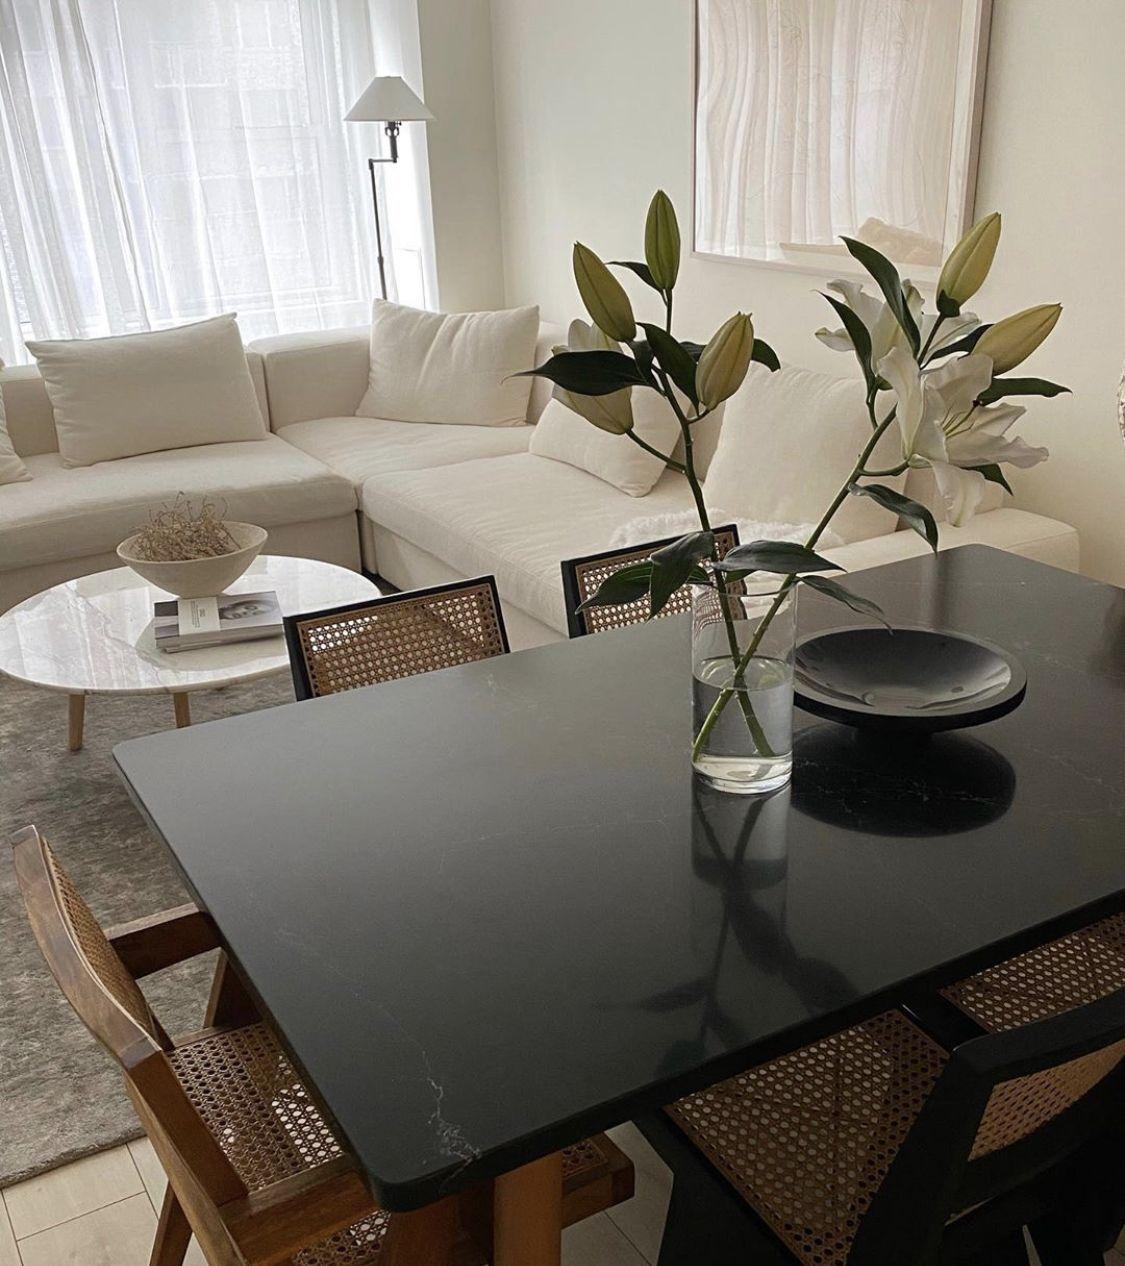 Pin By Romane Lecomte On H O M E In 2020 Home Home Decor Interior